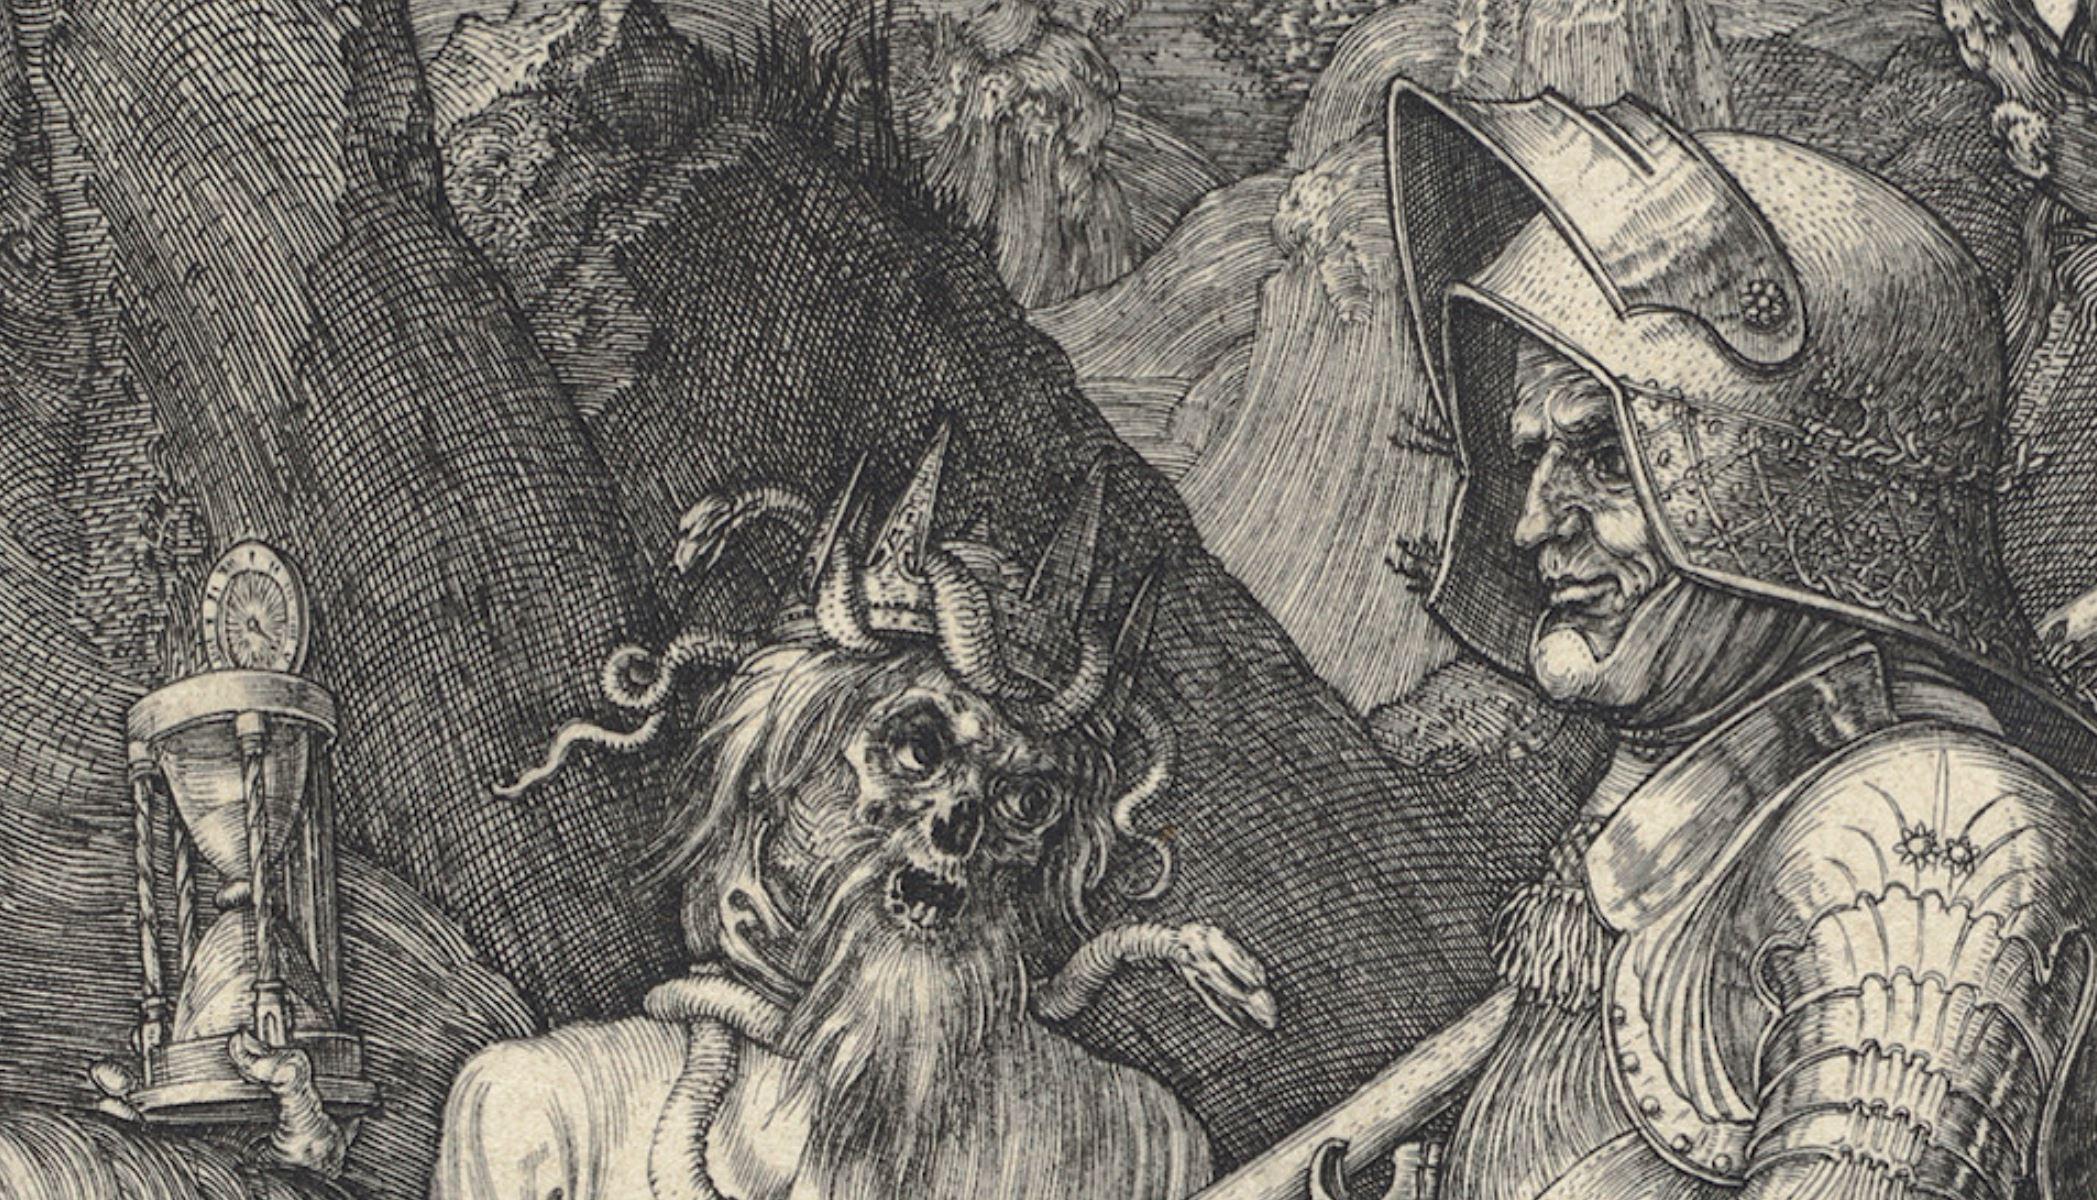 Durer 1513 le chevalier la mort. et le diable detail